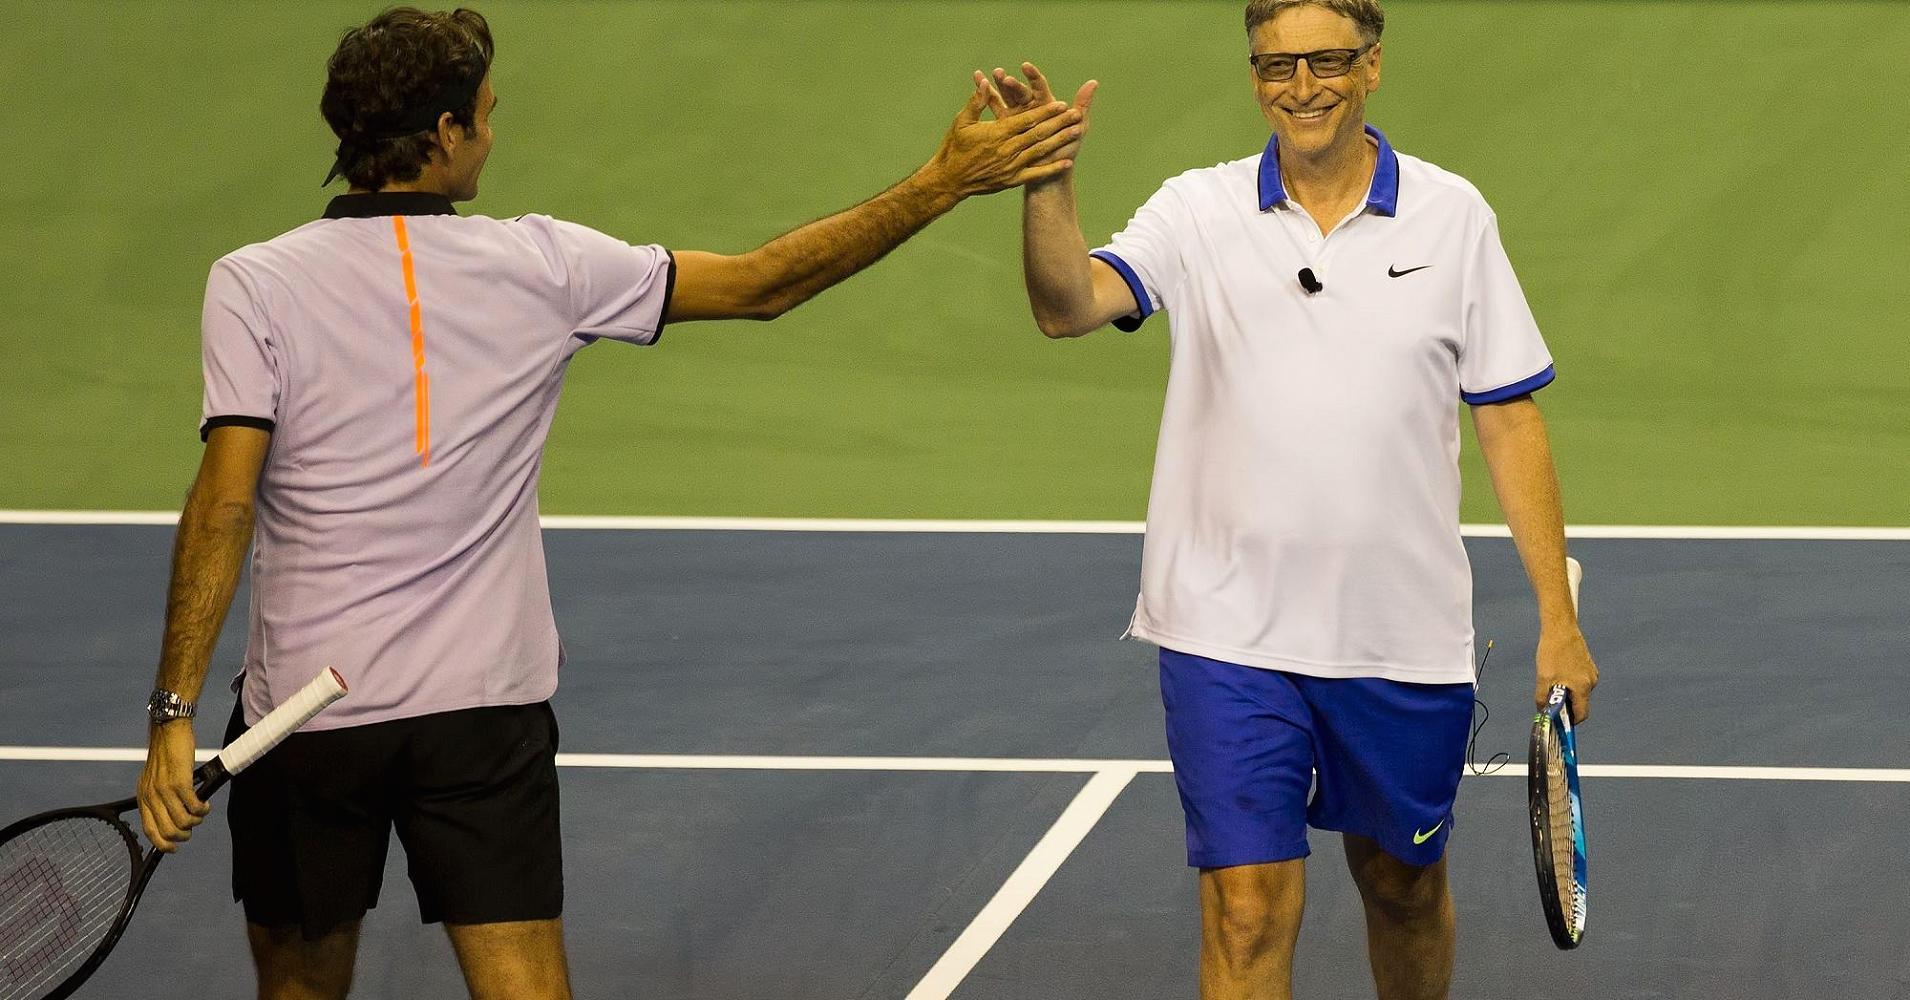 Bill Gates İle Federer Tenis Maçına Hazırlanıyor - Boxer Dergisi